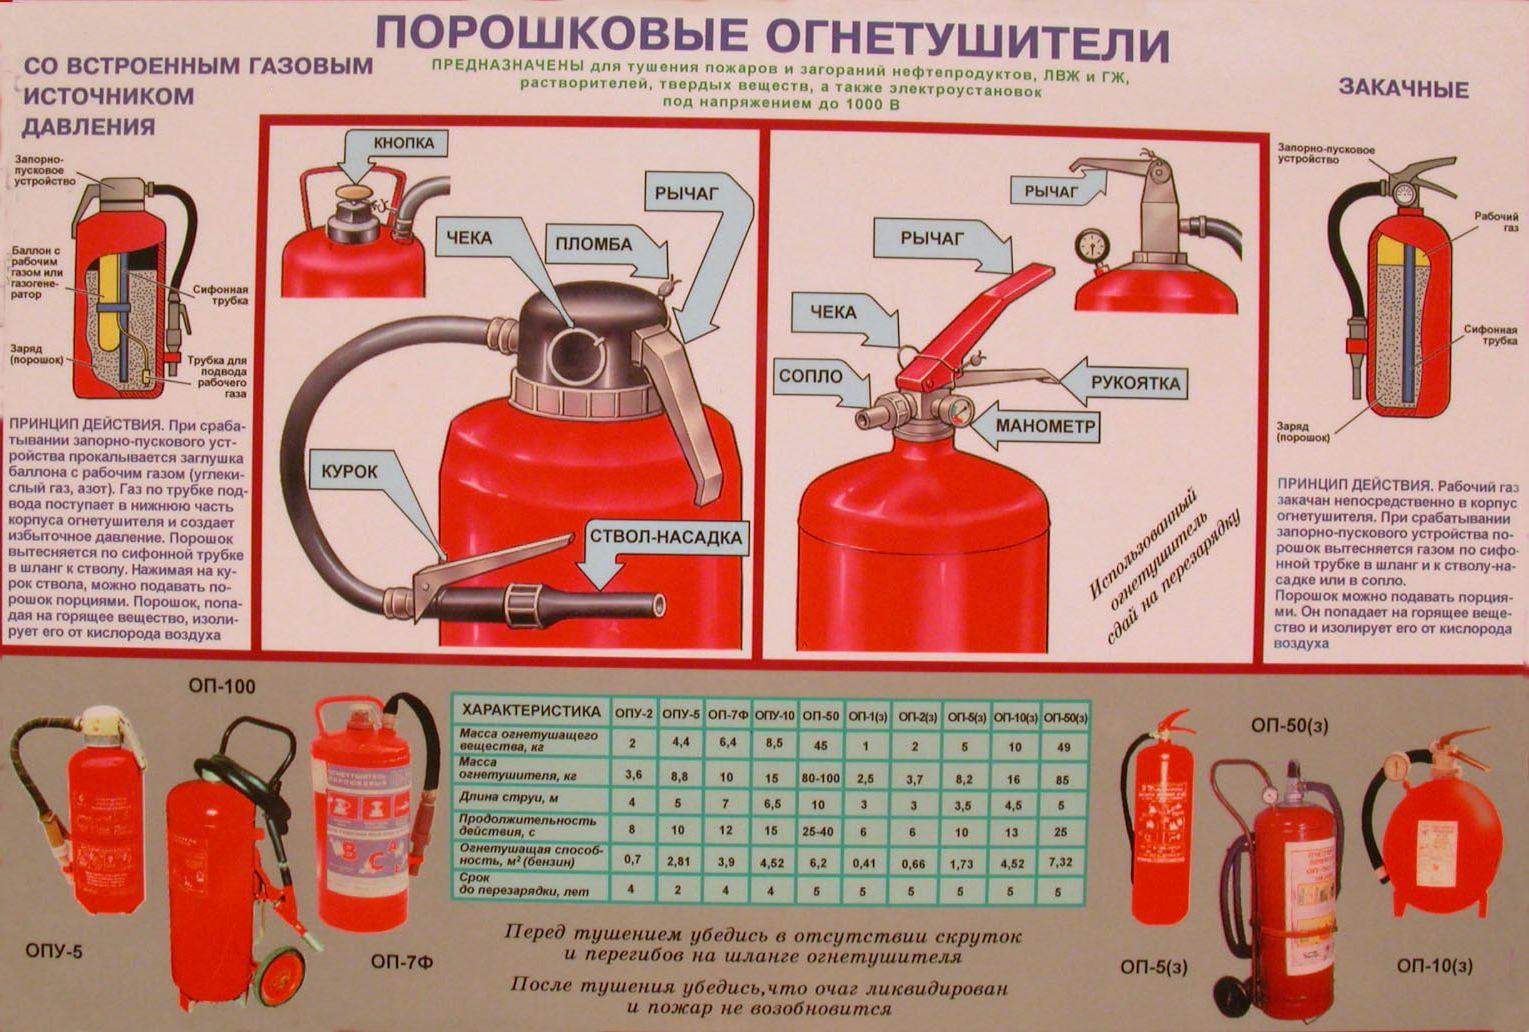 как правильно пользоваться огнетушителем оп-5